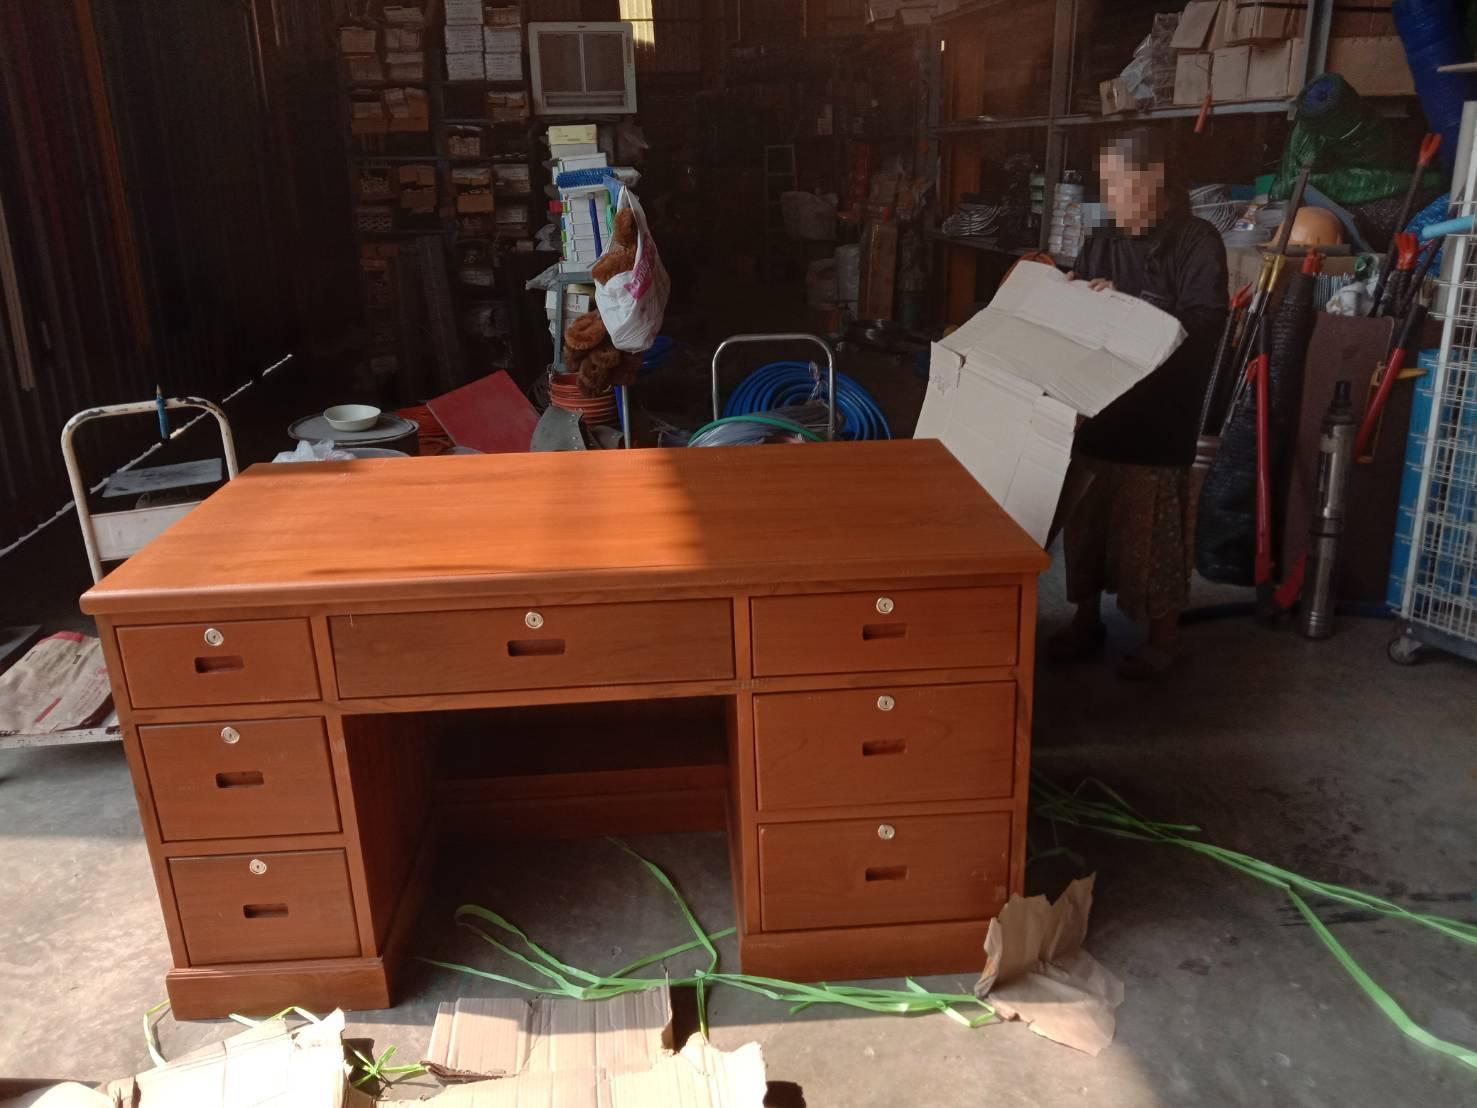 โต๊ะทำงานไม้สัก,โต๊ะบัญชีไม้สัก,โต๊ะลิ้นชัก